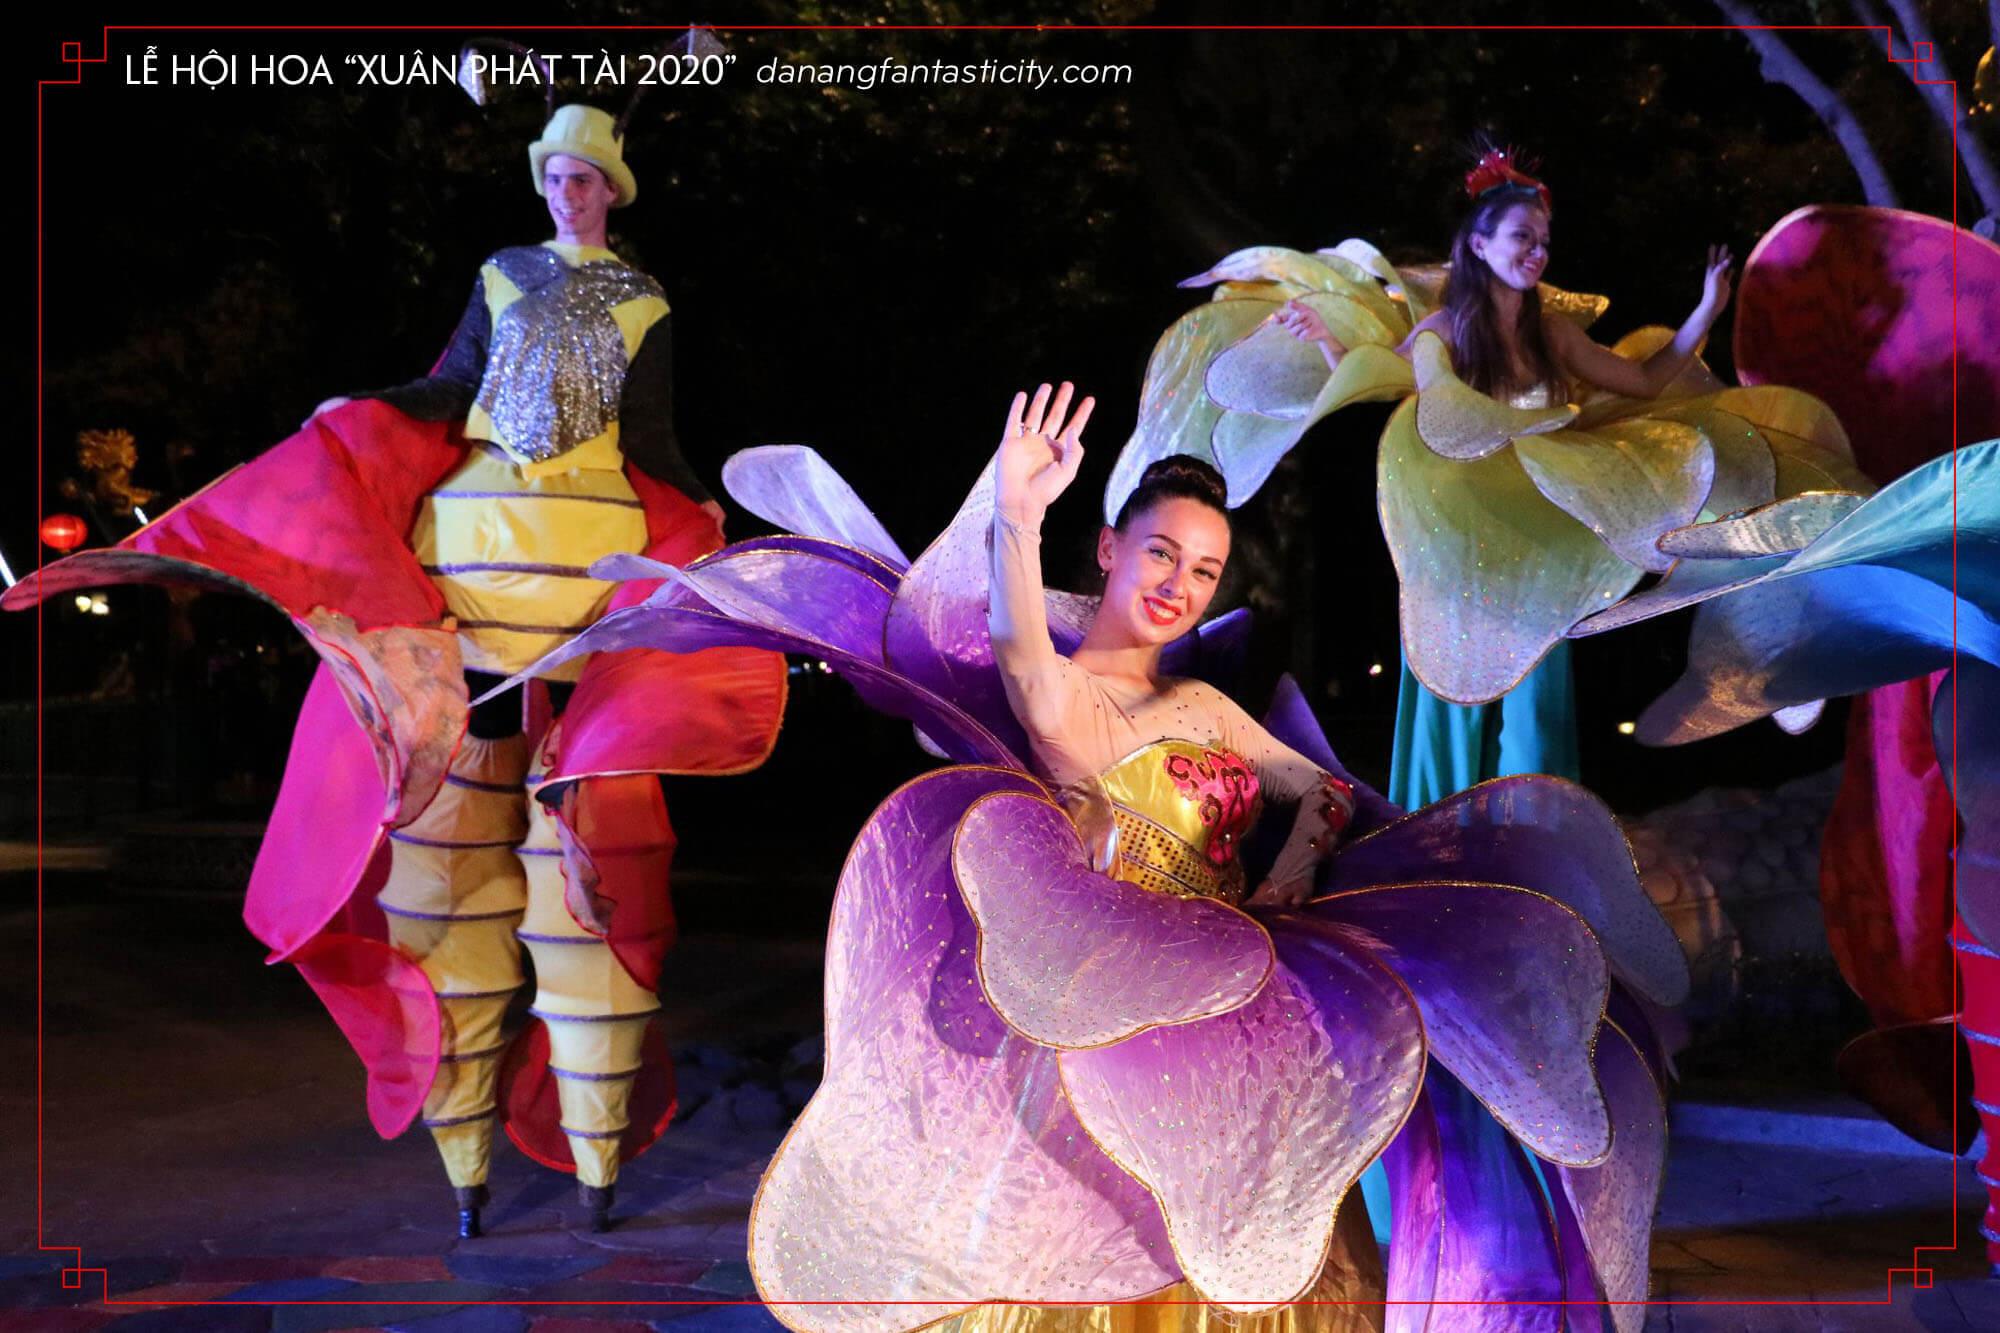 Hoat Dong Su Kien Tet Nguyen Dan Canh Ty 2020 Tai Da Nang Fantasticity Com 04